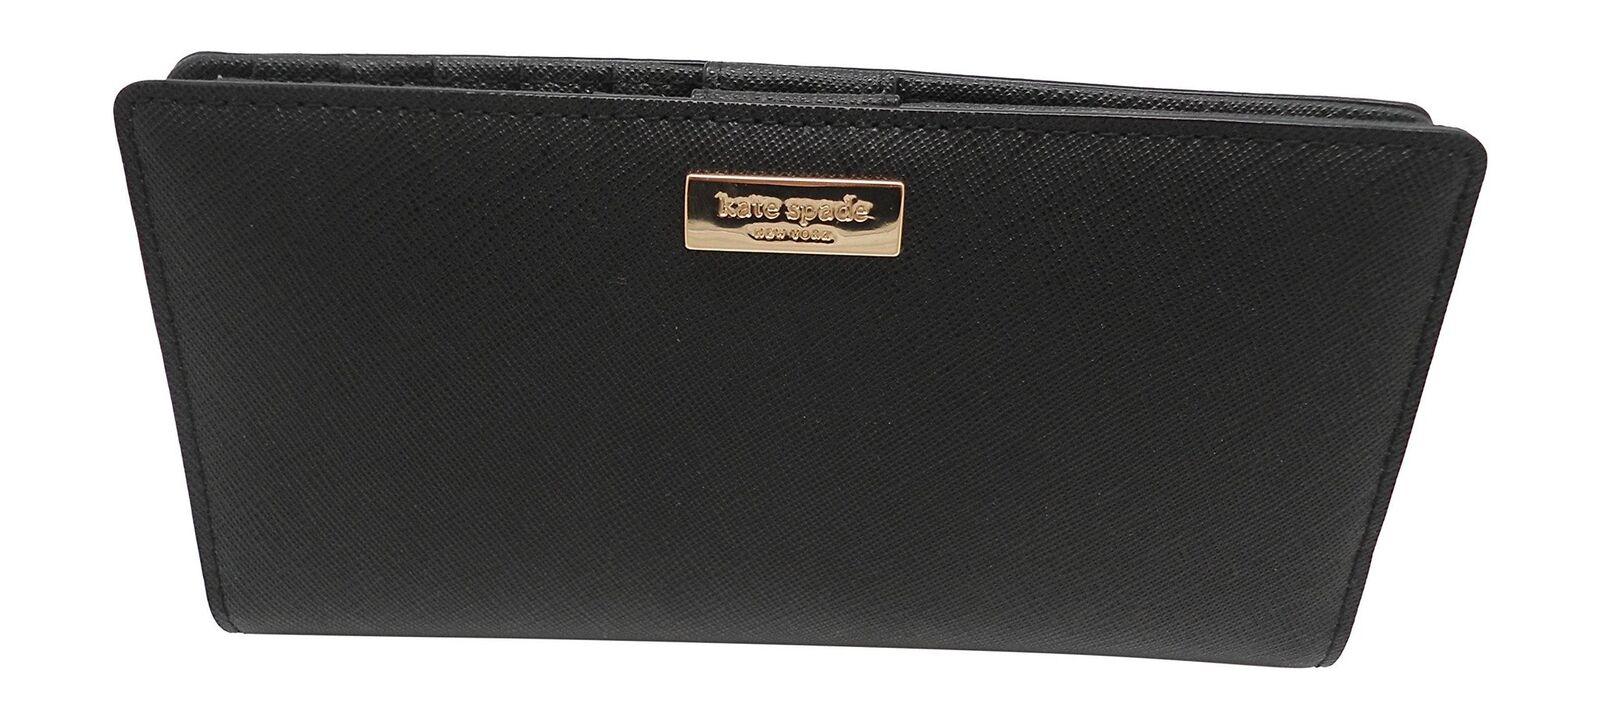 38aa79028b7d Kate Spade Laurel Way Stacy Clutch Wallet Black Saffiano WLRU2673 ...